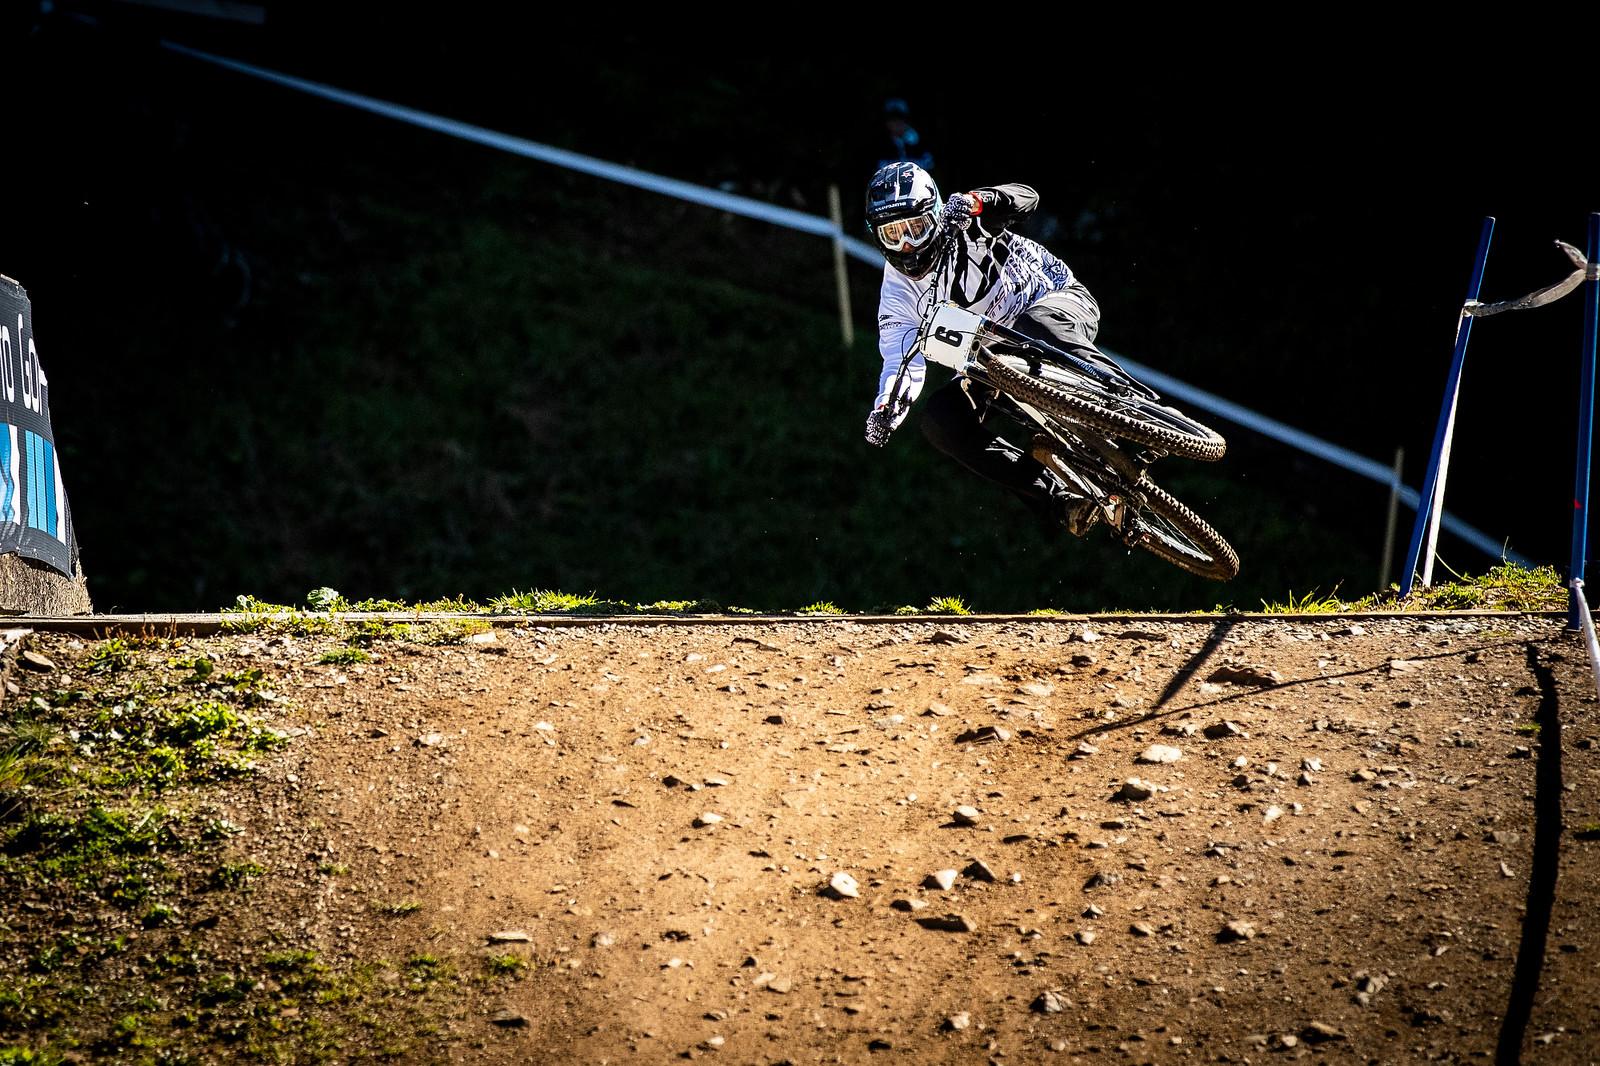 Blenki - WORLD CHAMPS WHIPFEST - Mountain Biking Pictures - Vital MTB